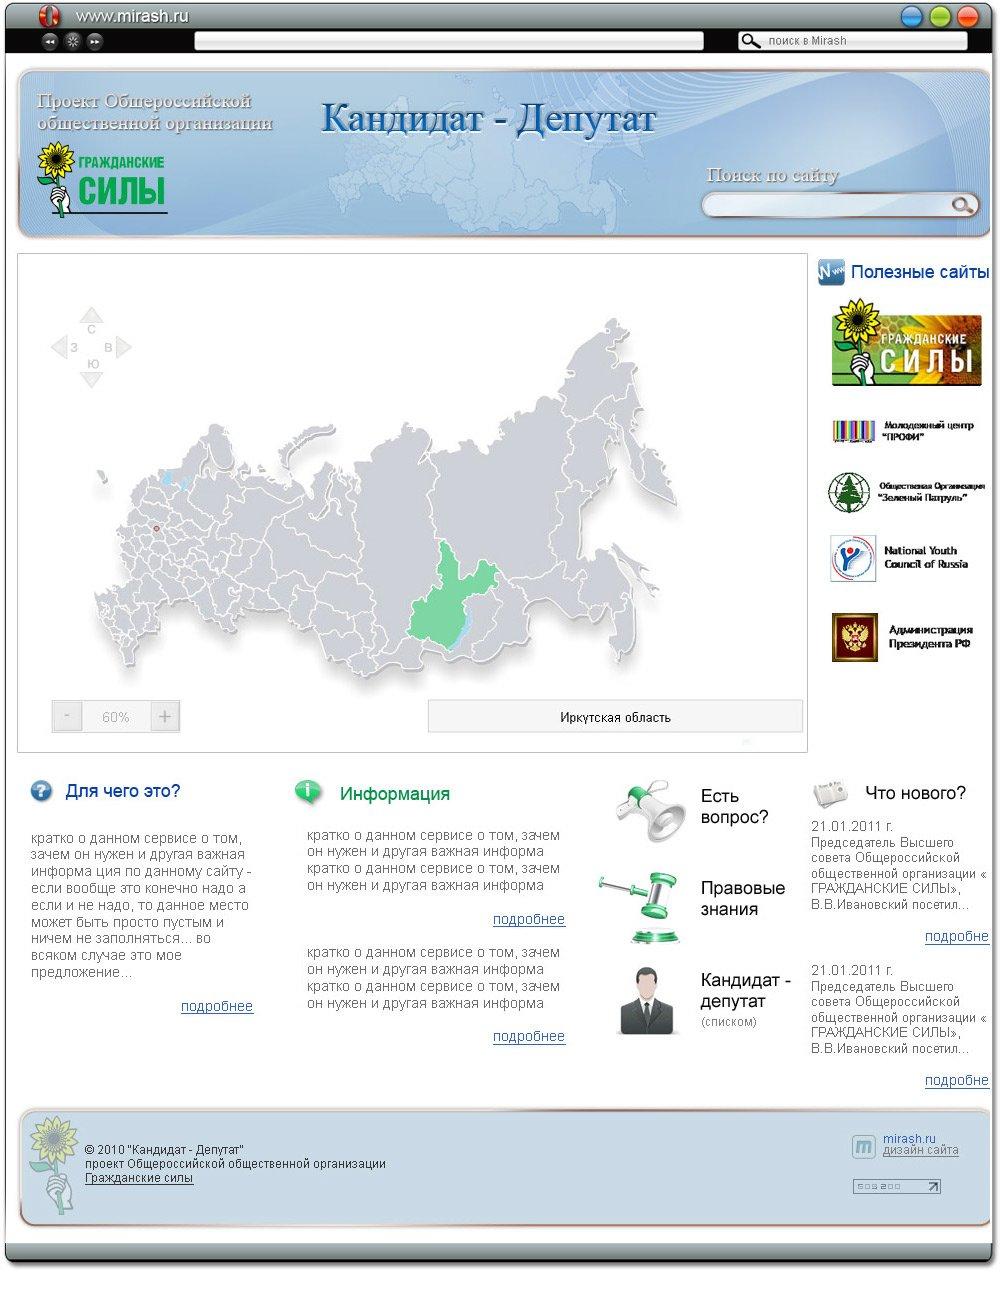 Веб-дизайн сайта Интернет-проекта «Гражданские силы - Кандидат-депутат»